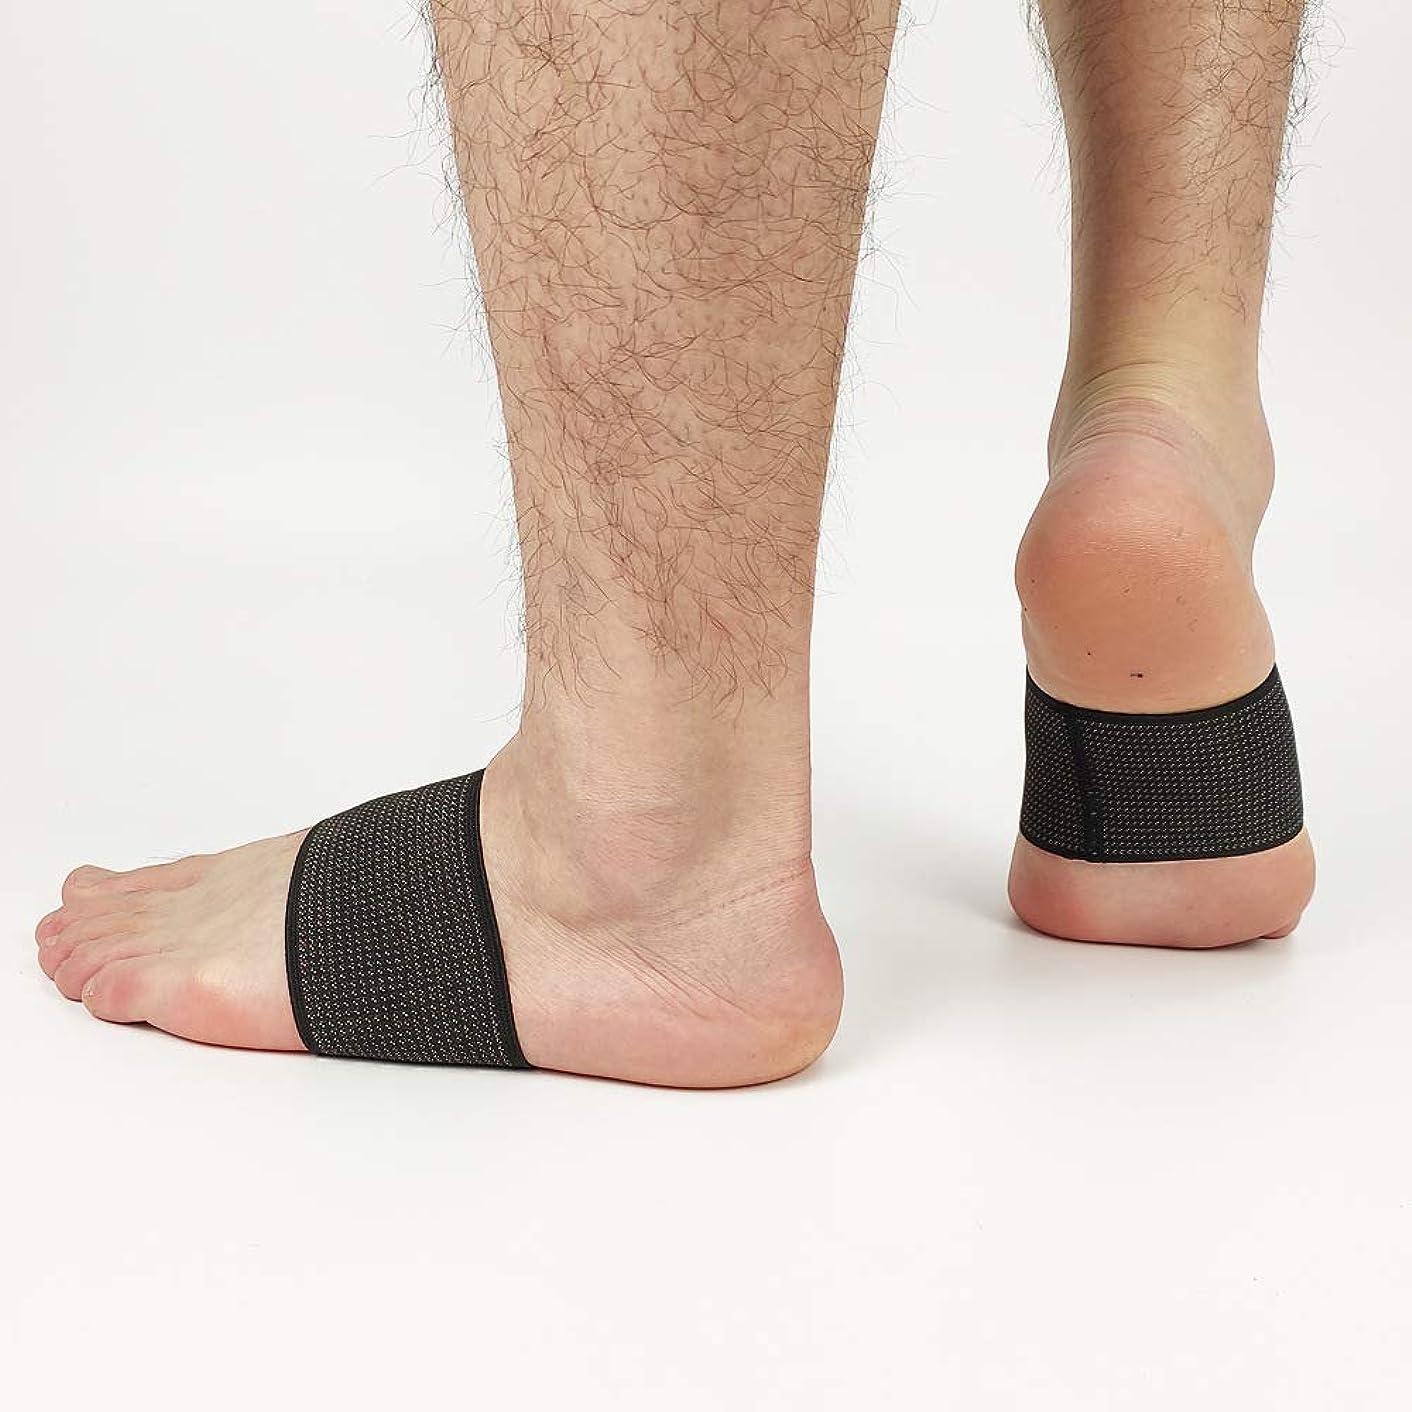 ショートカットデンマークトランペット足底筋膜炎倒れたアーチのためのクッション付き圧縮アーチサポート,L